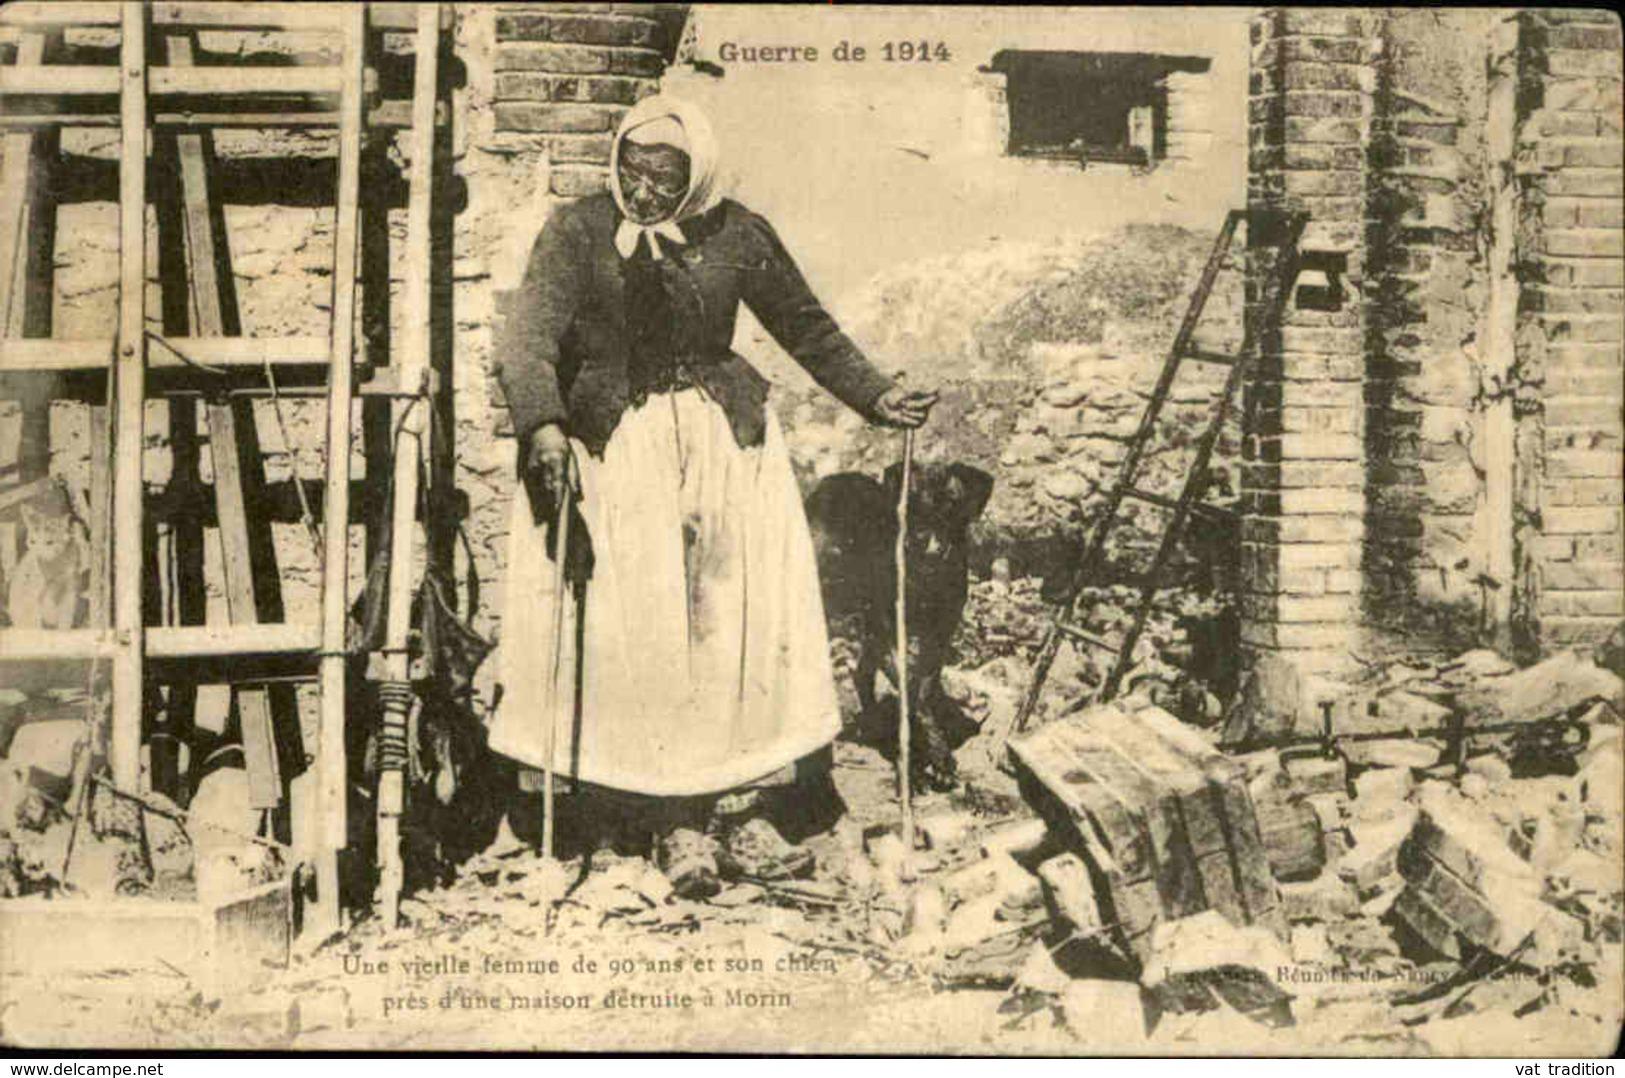 FRANCE - Carte Postale - Guerre De 14/18 , Vieille Femme De 90 Ans Et Son Chien à Morin  - L 29930 - Guerre 1914-18